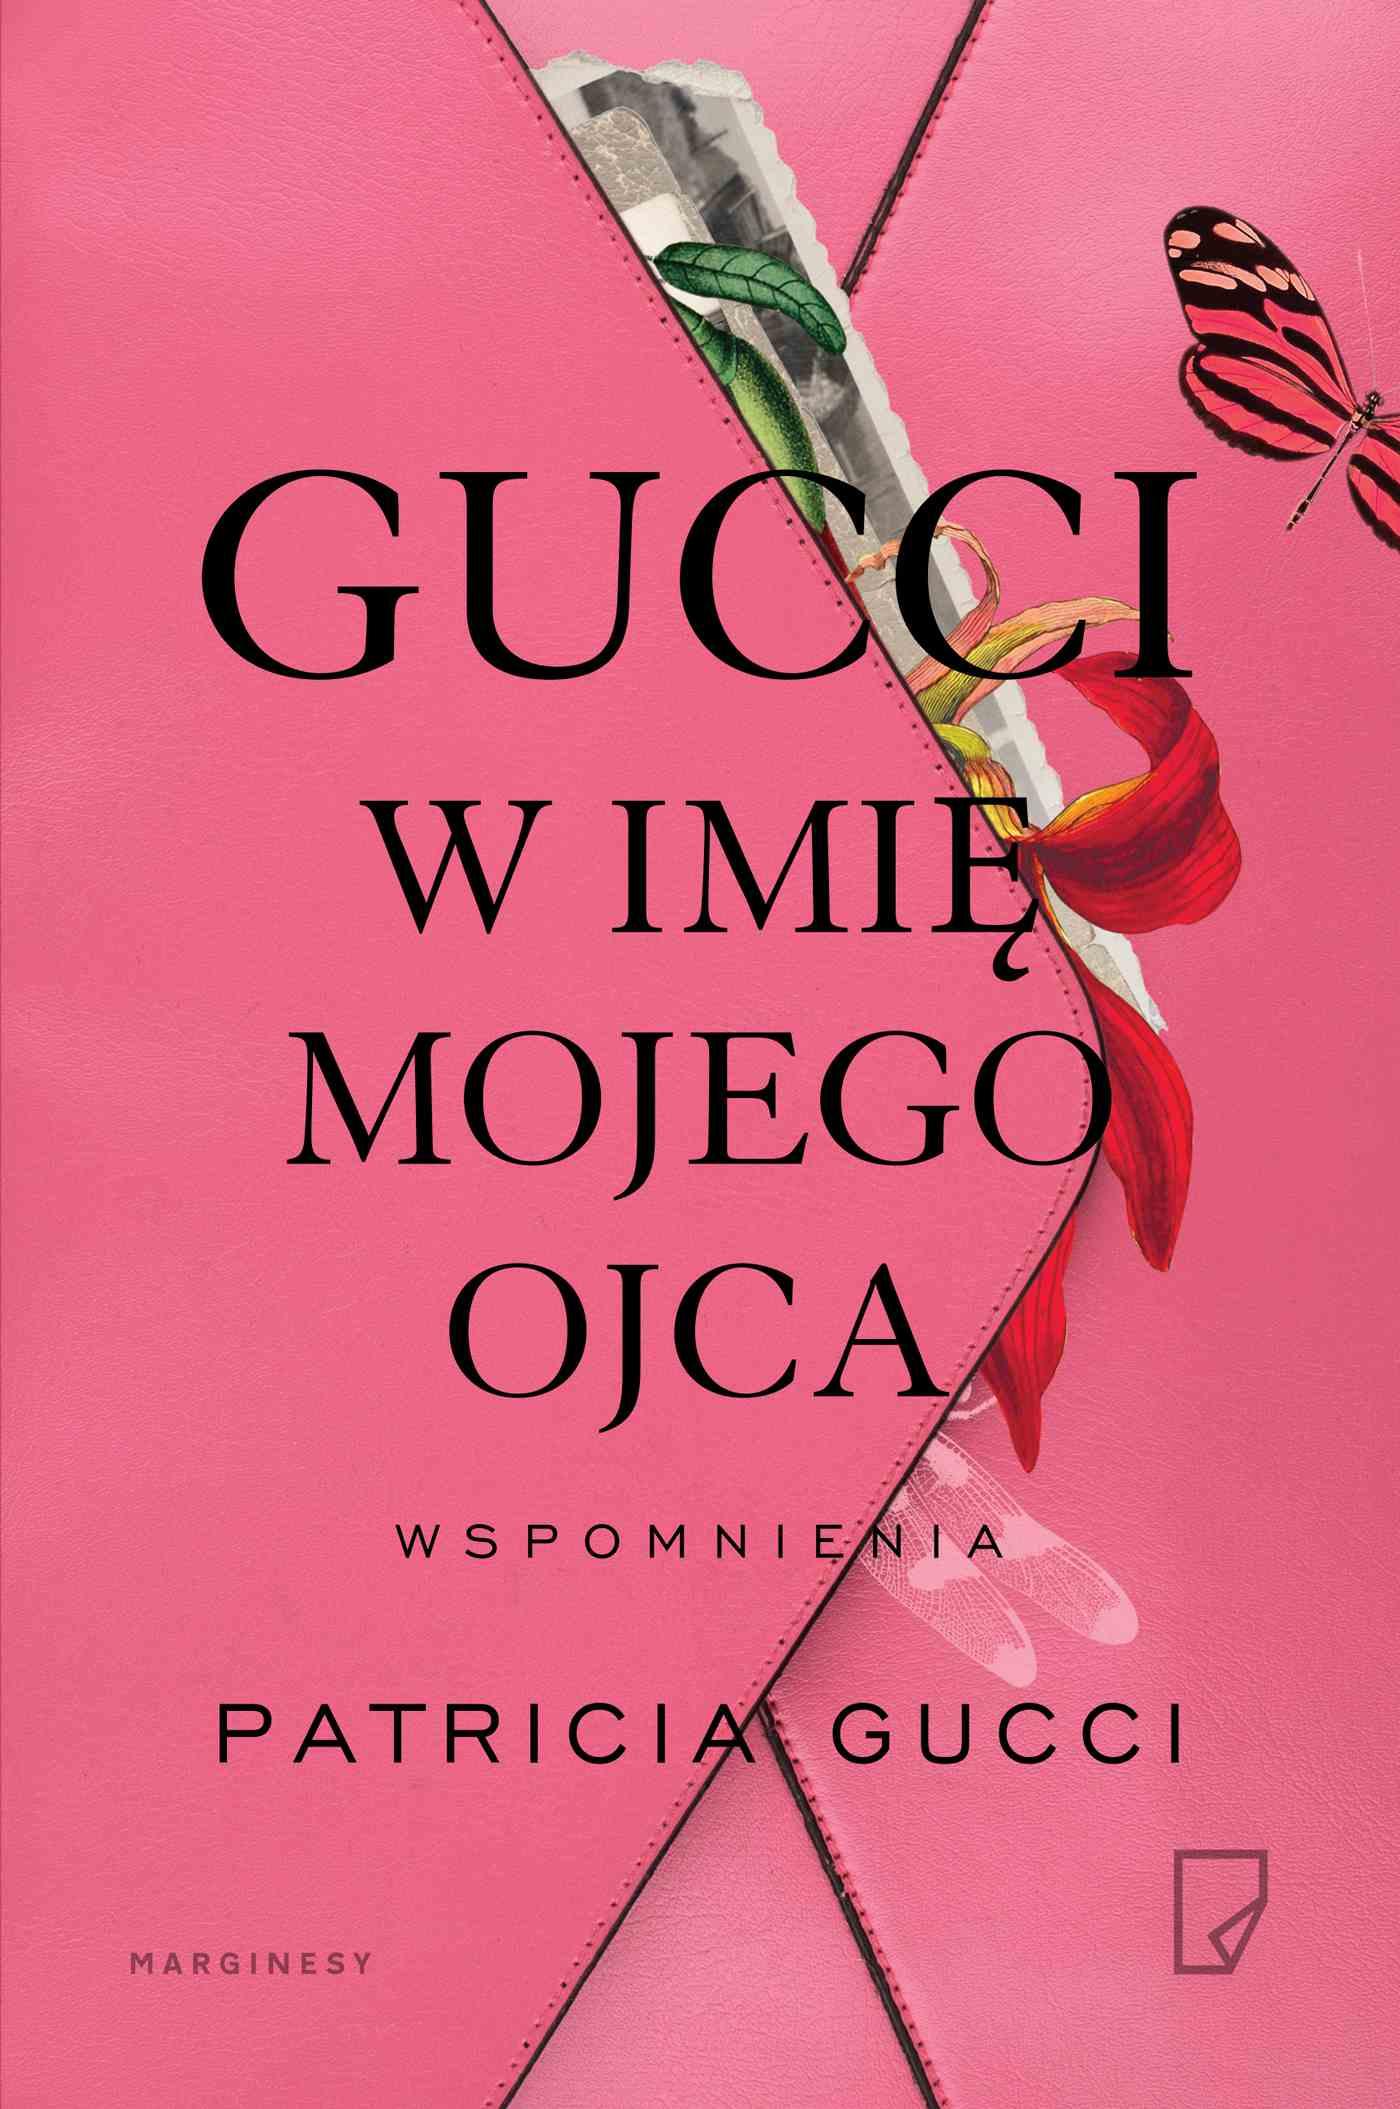 Gucci. W imię mojego ojca - Ebook (Książka EPUB) do pobrania w formacie EPUB